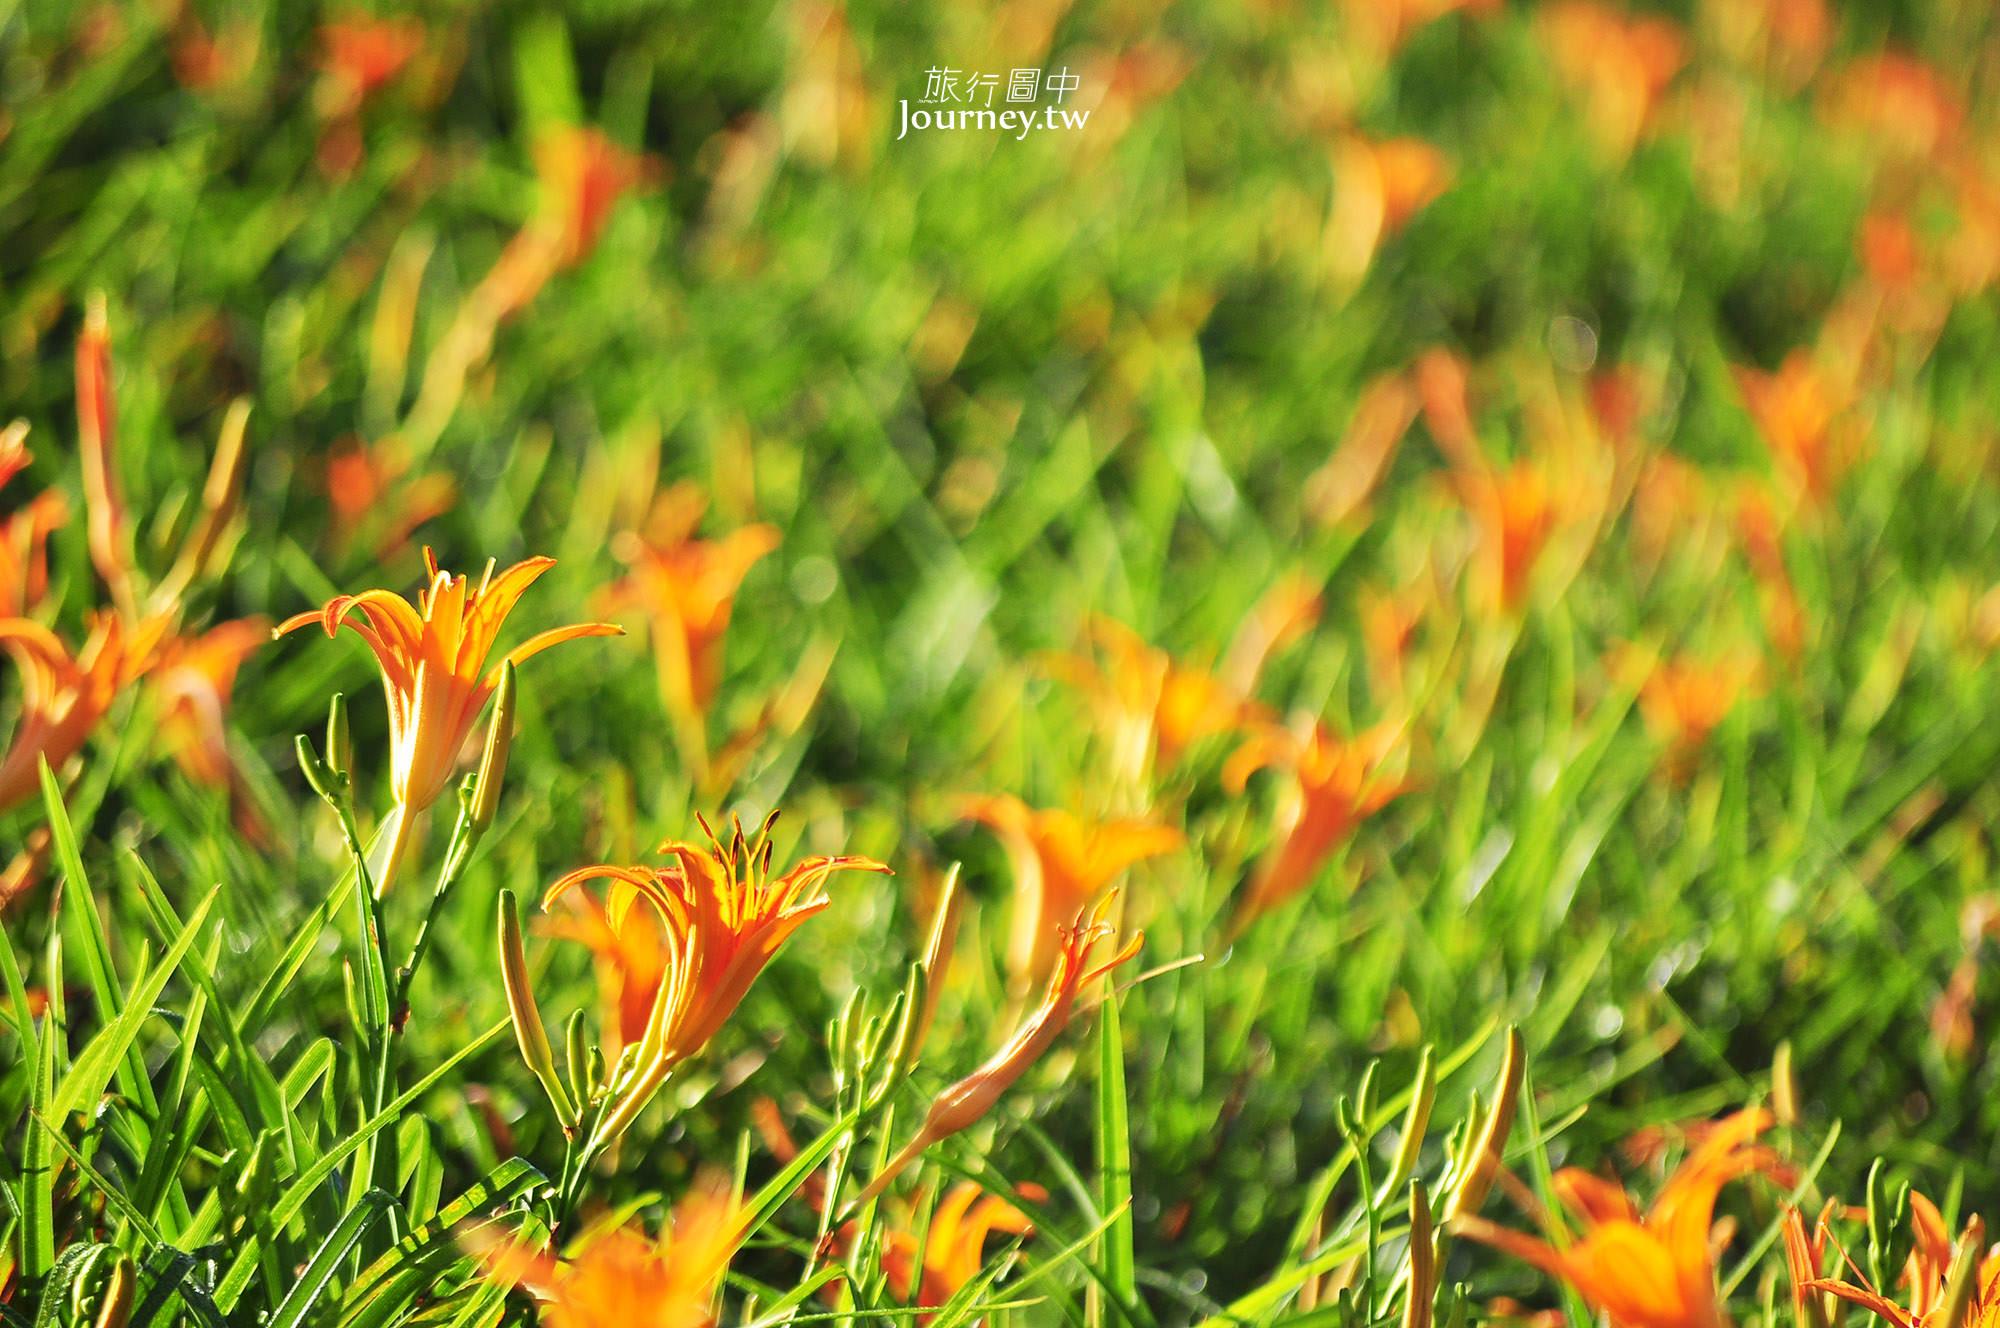 花蓮,花蓮景點,金針花,富里鄉,六十石山